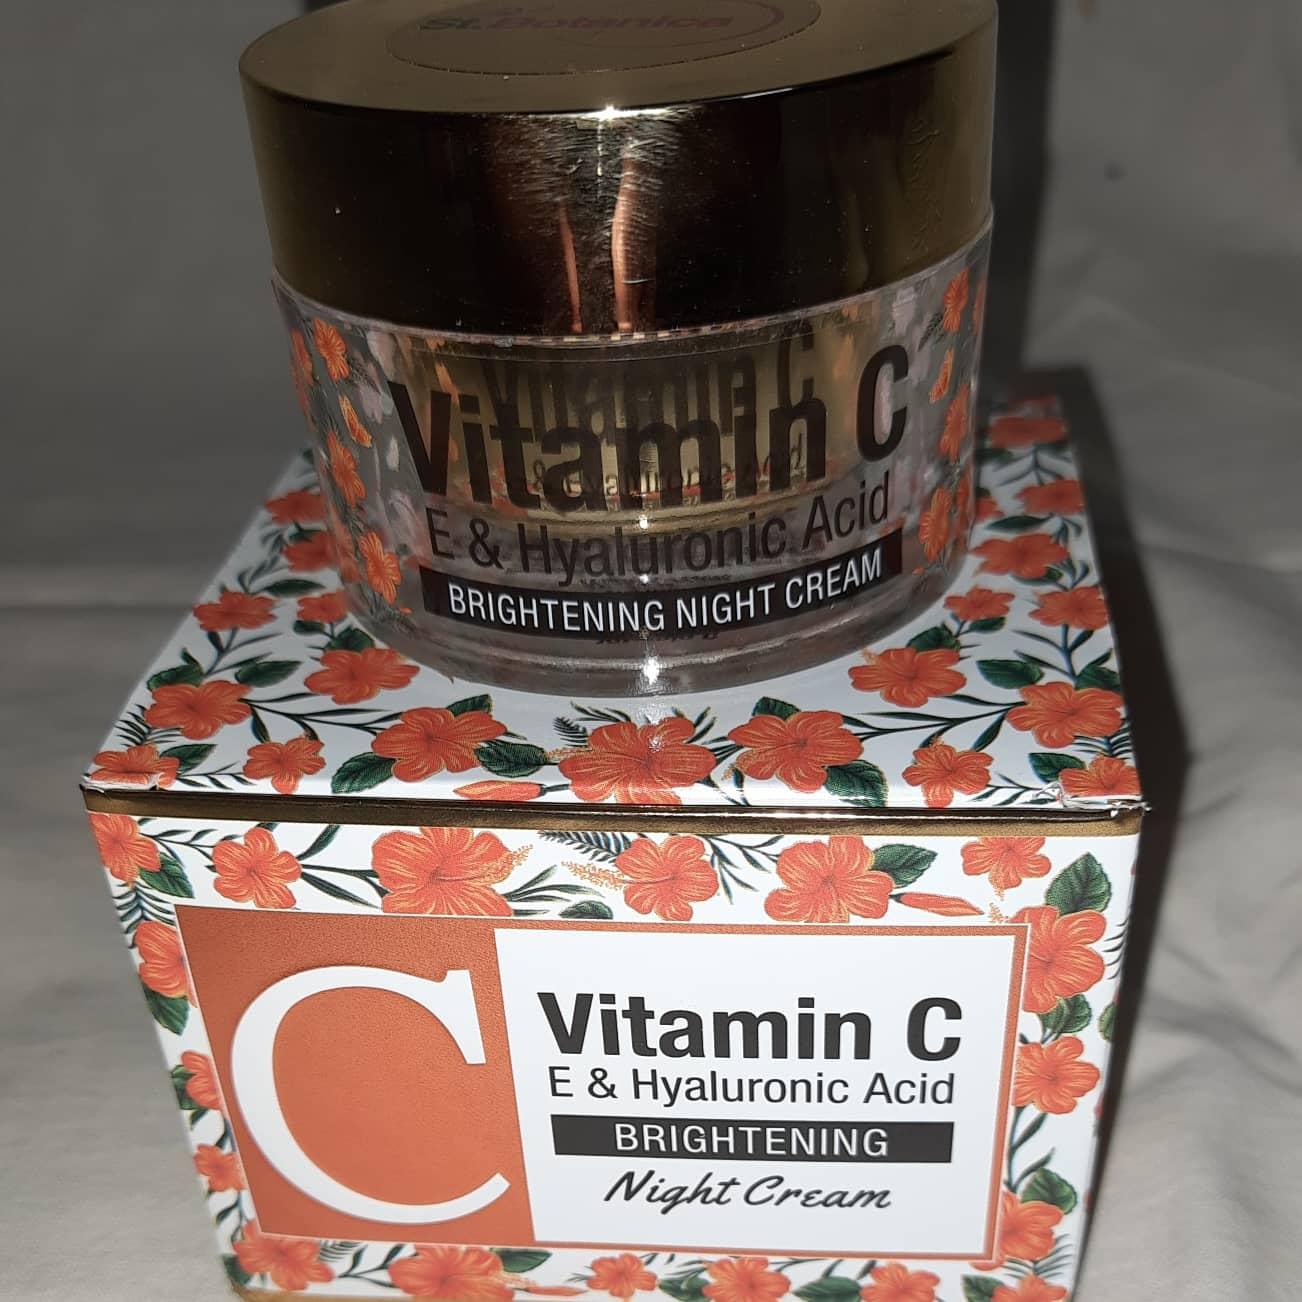 St.Botanica Vitamin C Brightening Night Cream-Night cream-By anupama_roy